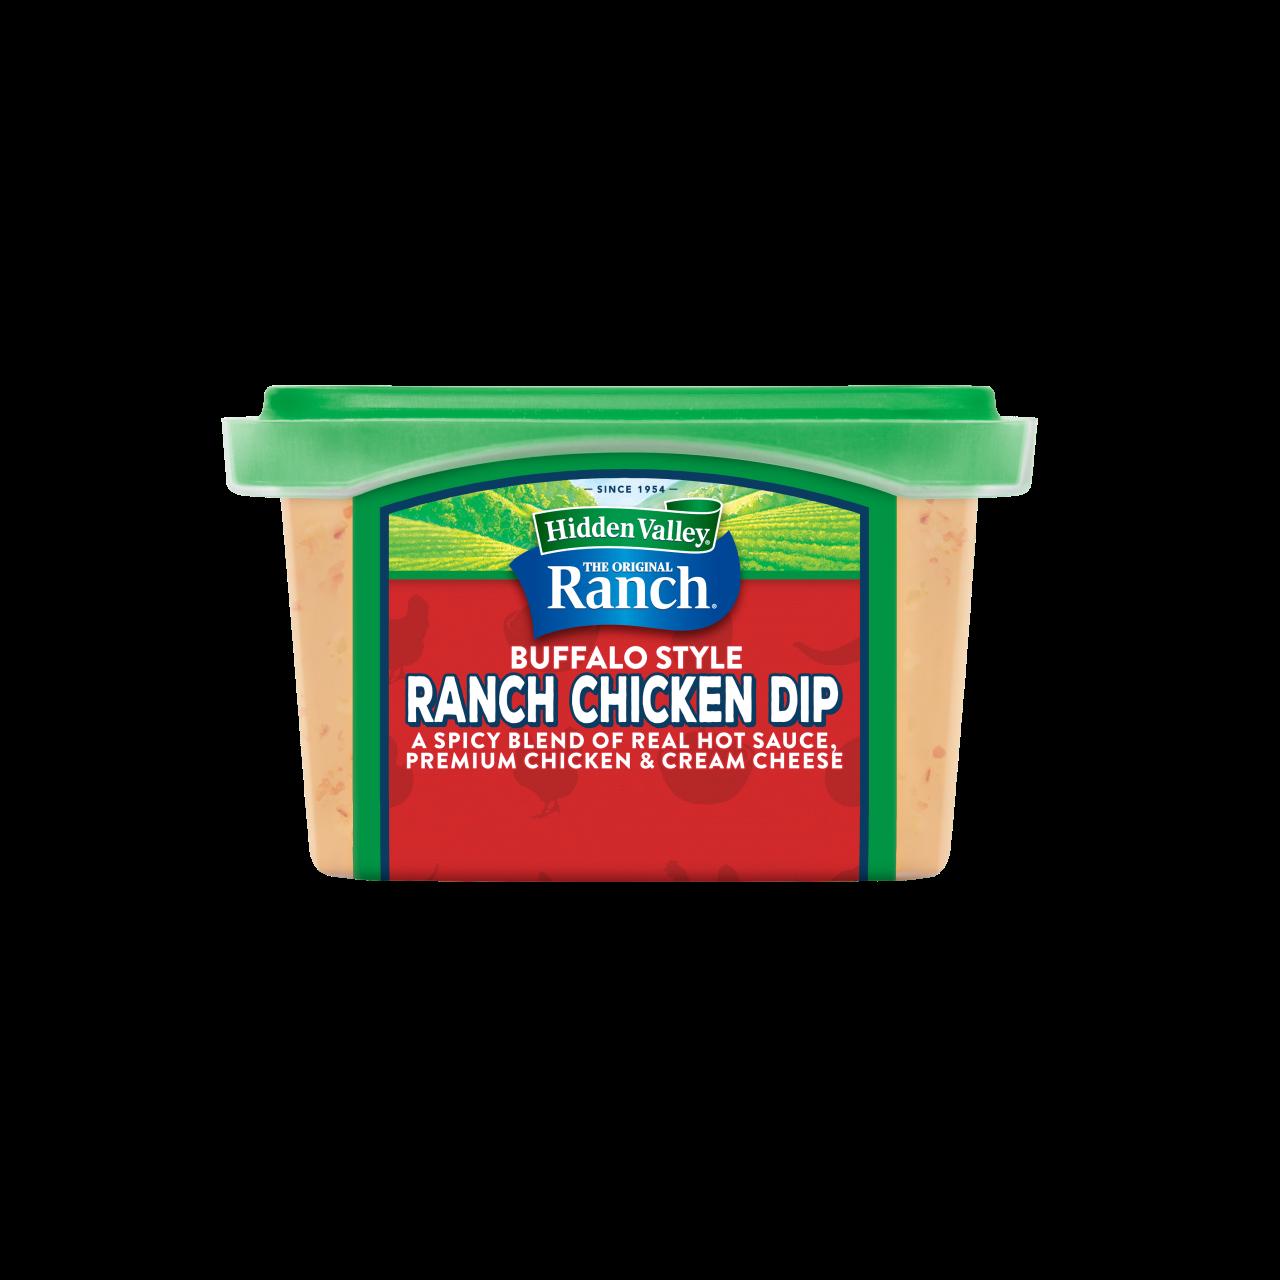 Hidden Valley® Buffalo Style Ranch Chicken Dip